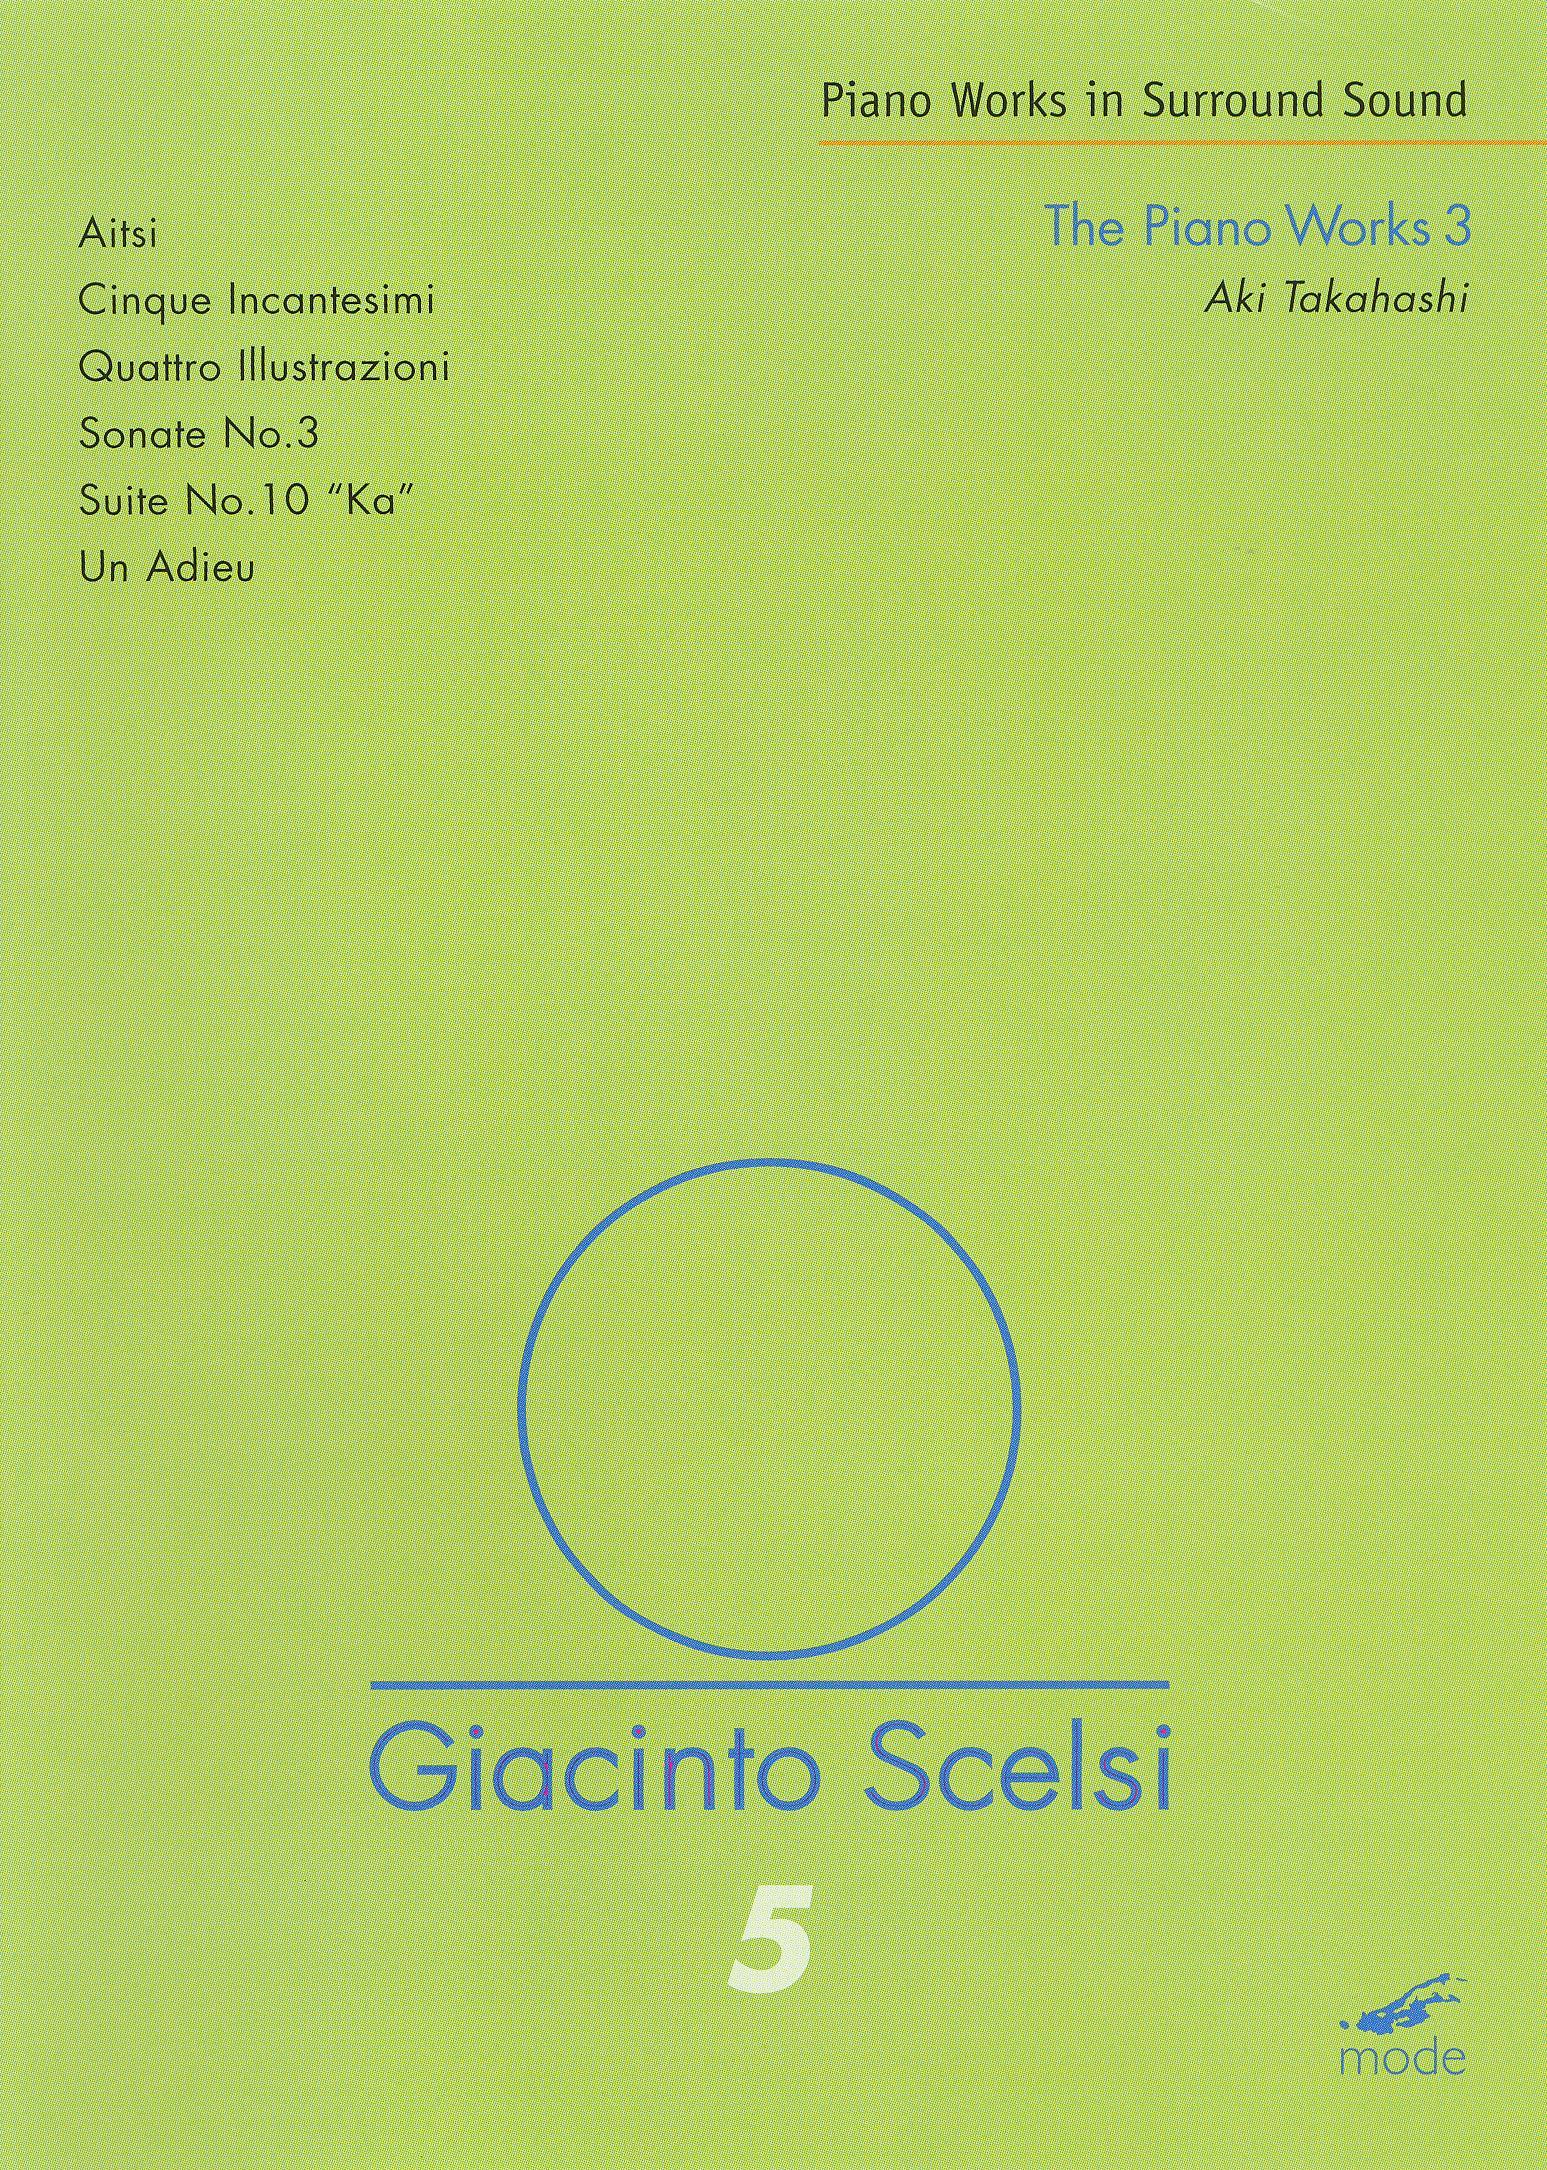 Scelsi: The Piano Works 3 - Aki Takahashi